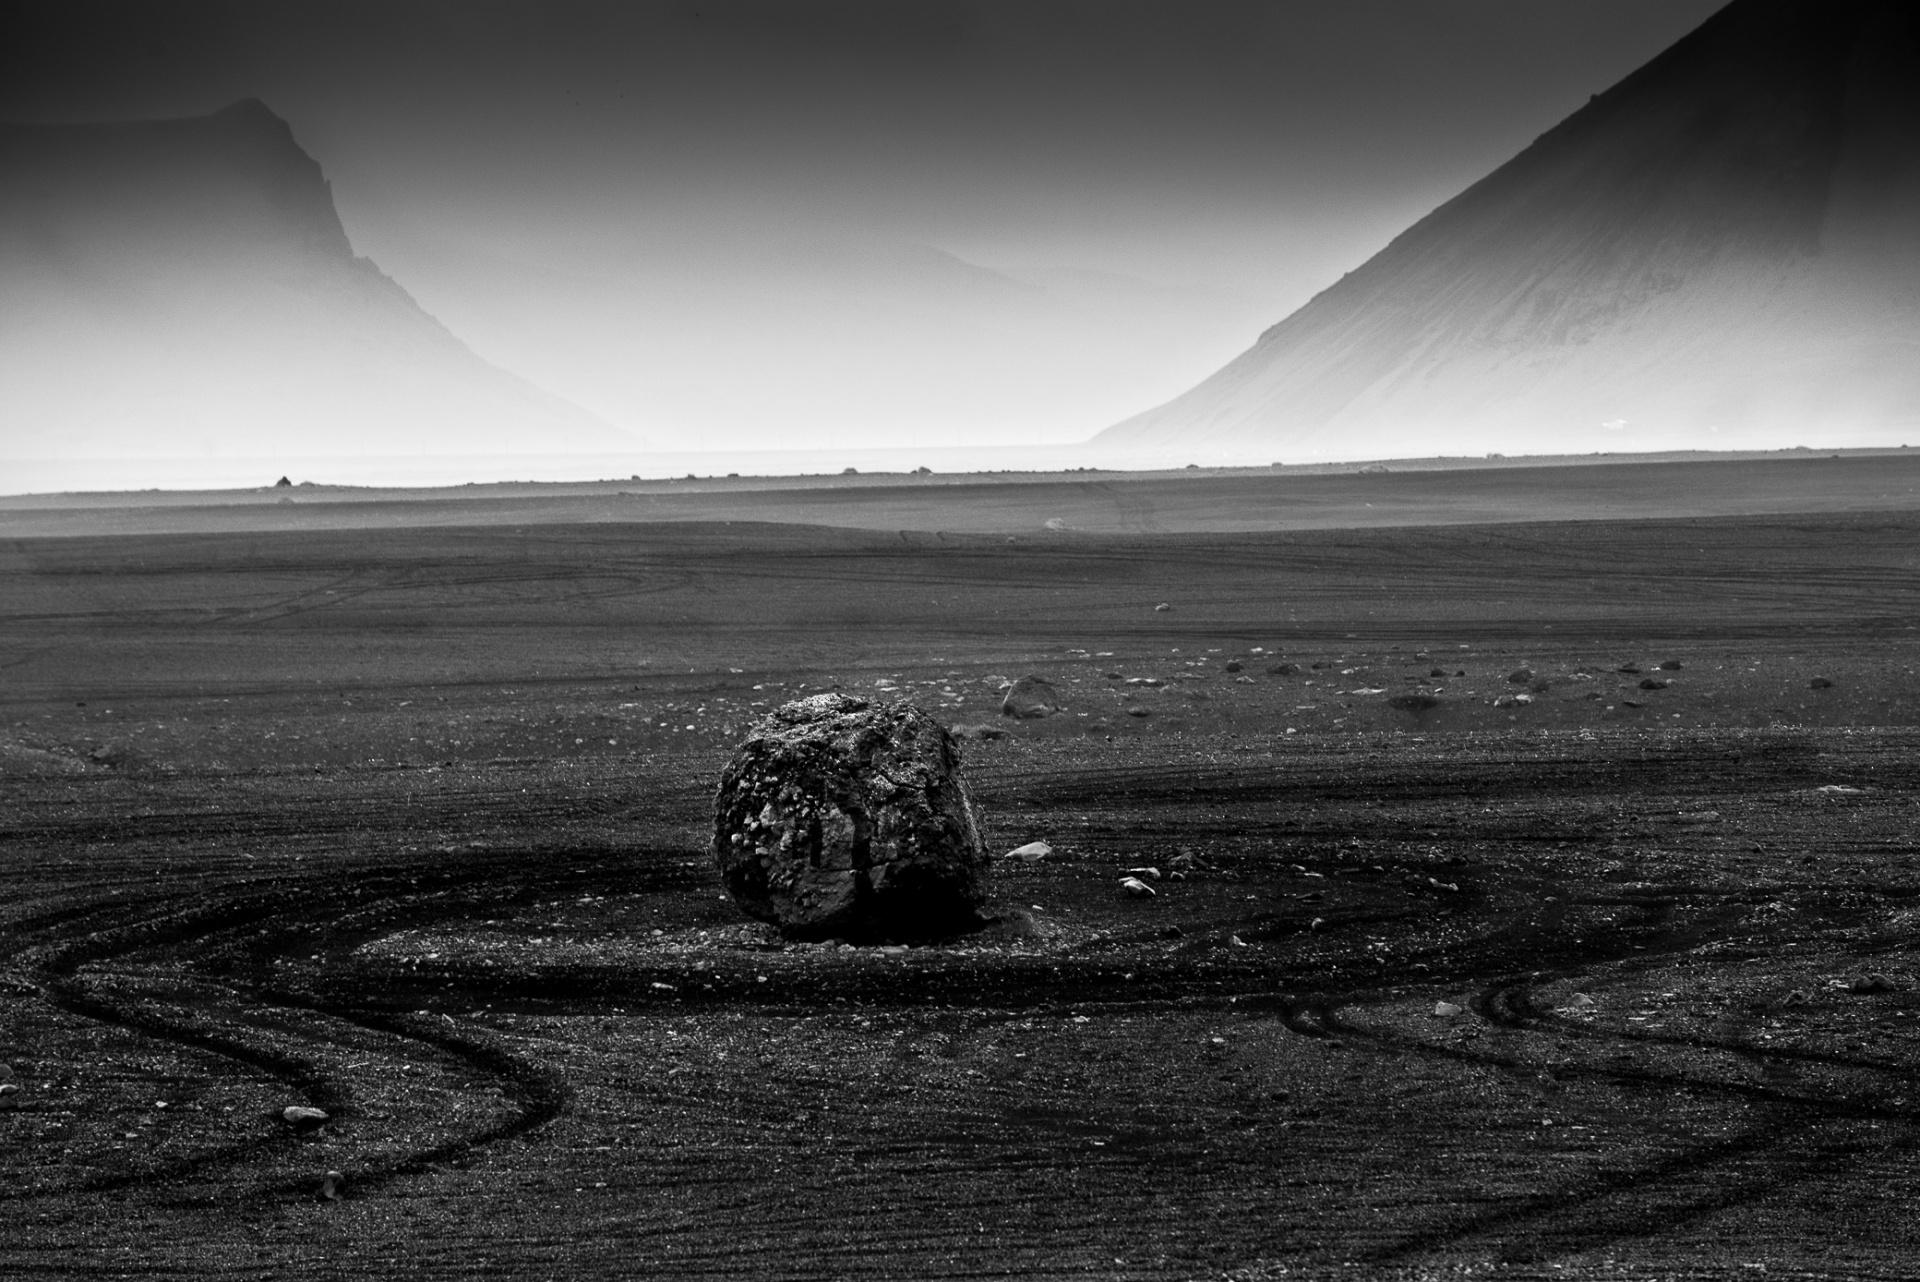 Il mistero del relitto abbandonato., Un relitto è un oggetto che si pone su quella sottile linea di confine che divide la vita dalla morte.